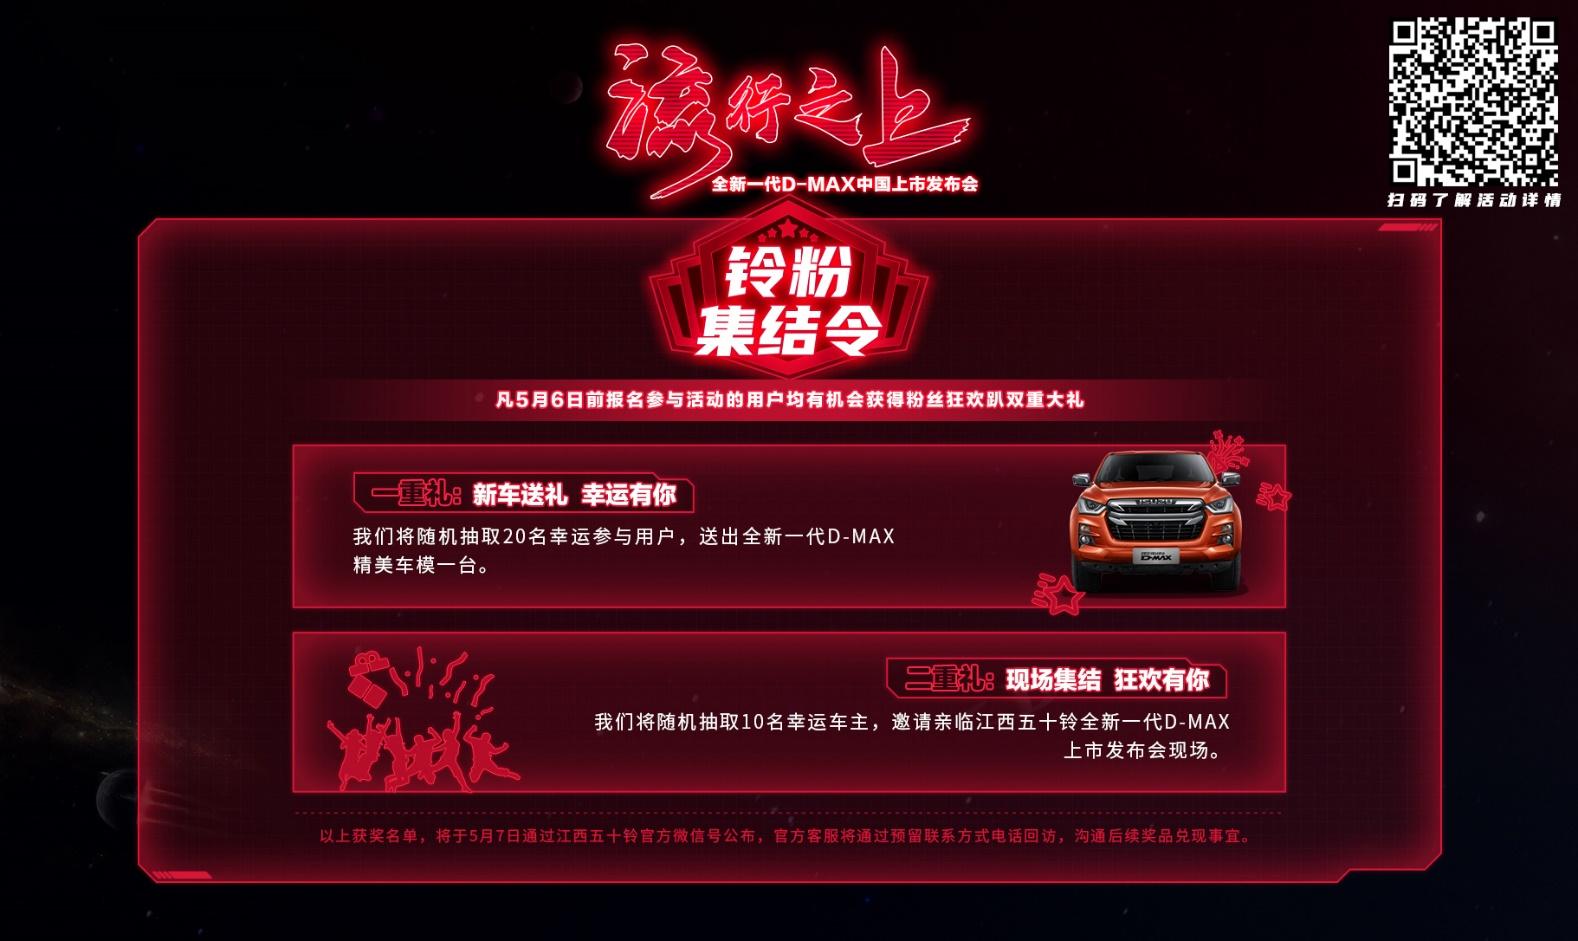 """携挚友 带豪礼 FUN肆嗨 全新一代D-MAX将赴""""5.10铃聚日""""之约"""